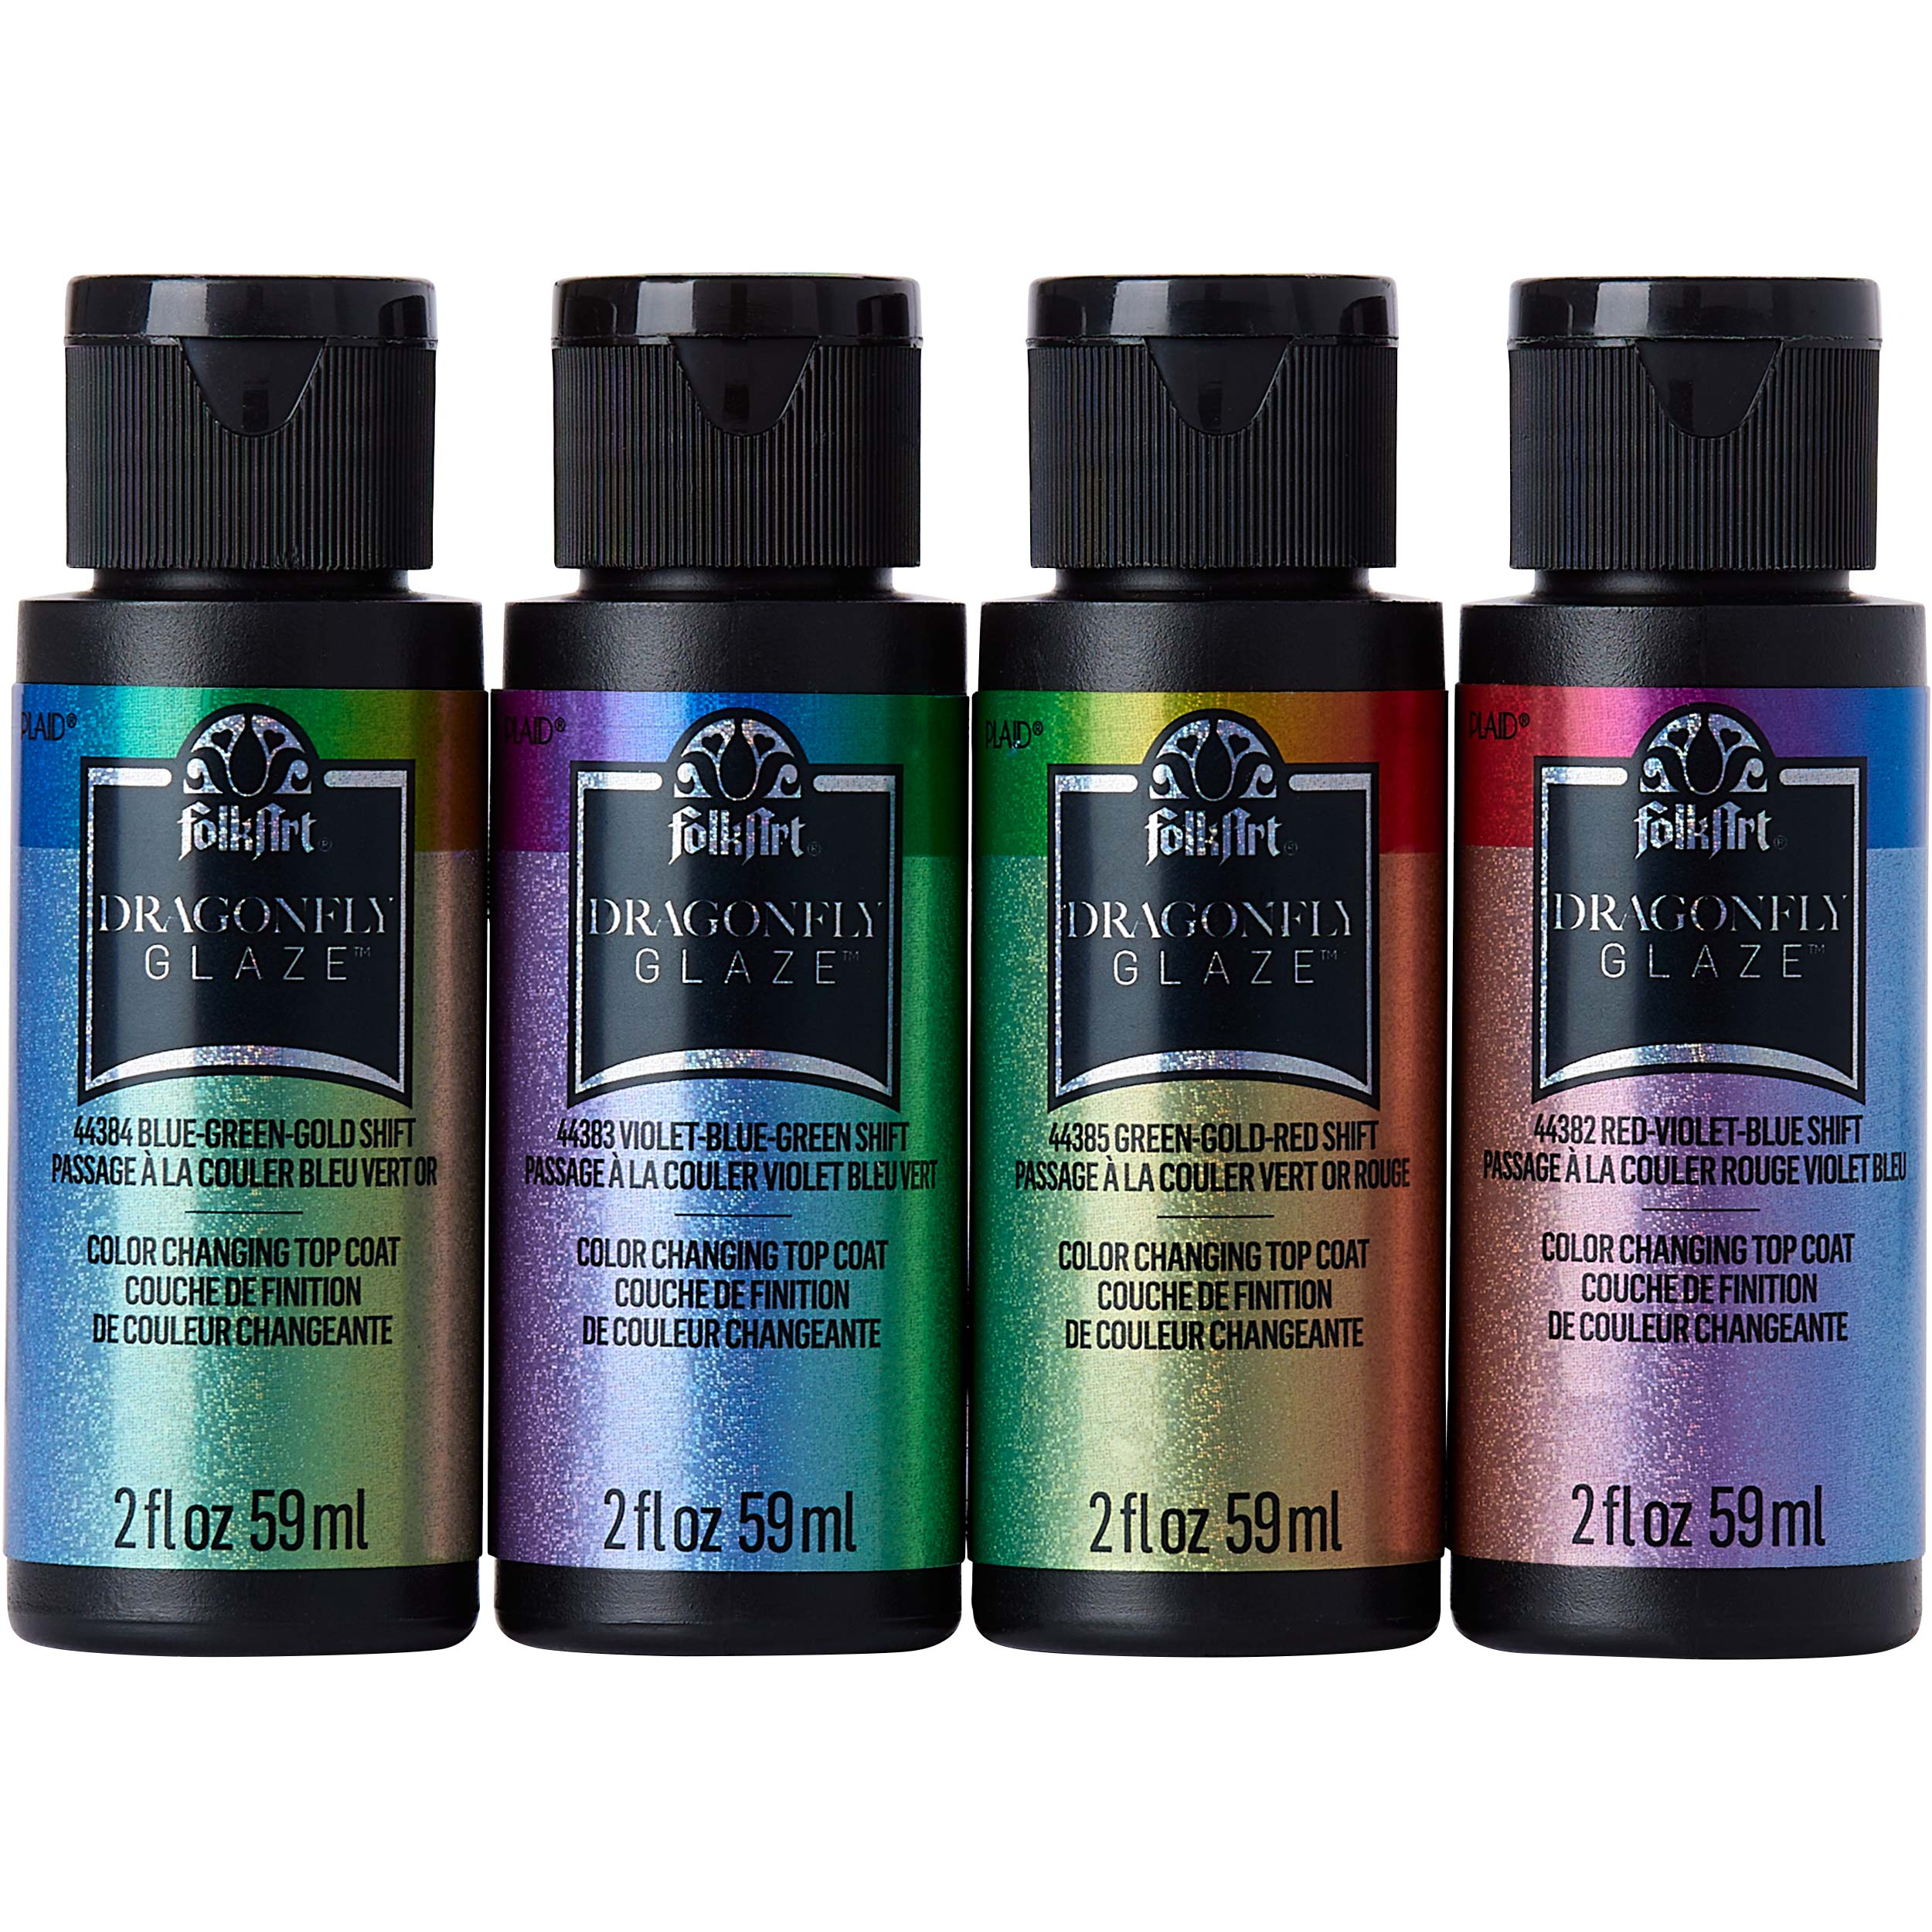 FolkArt ® Dragonfly Glaze™ Paint Set 4 Color - PROMODG